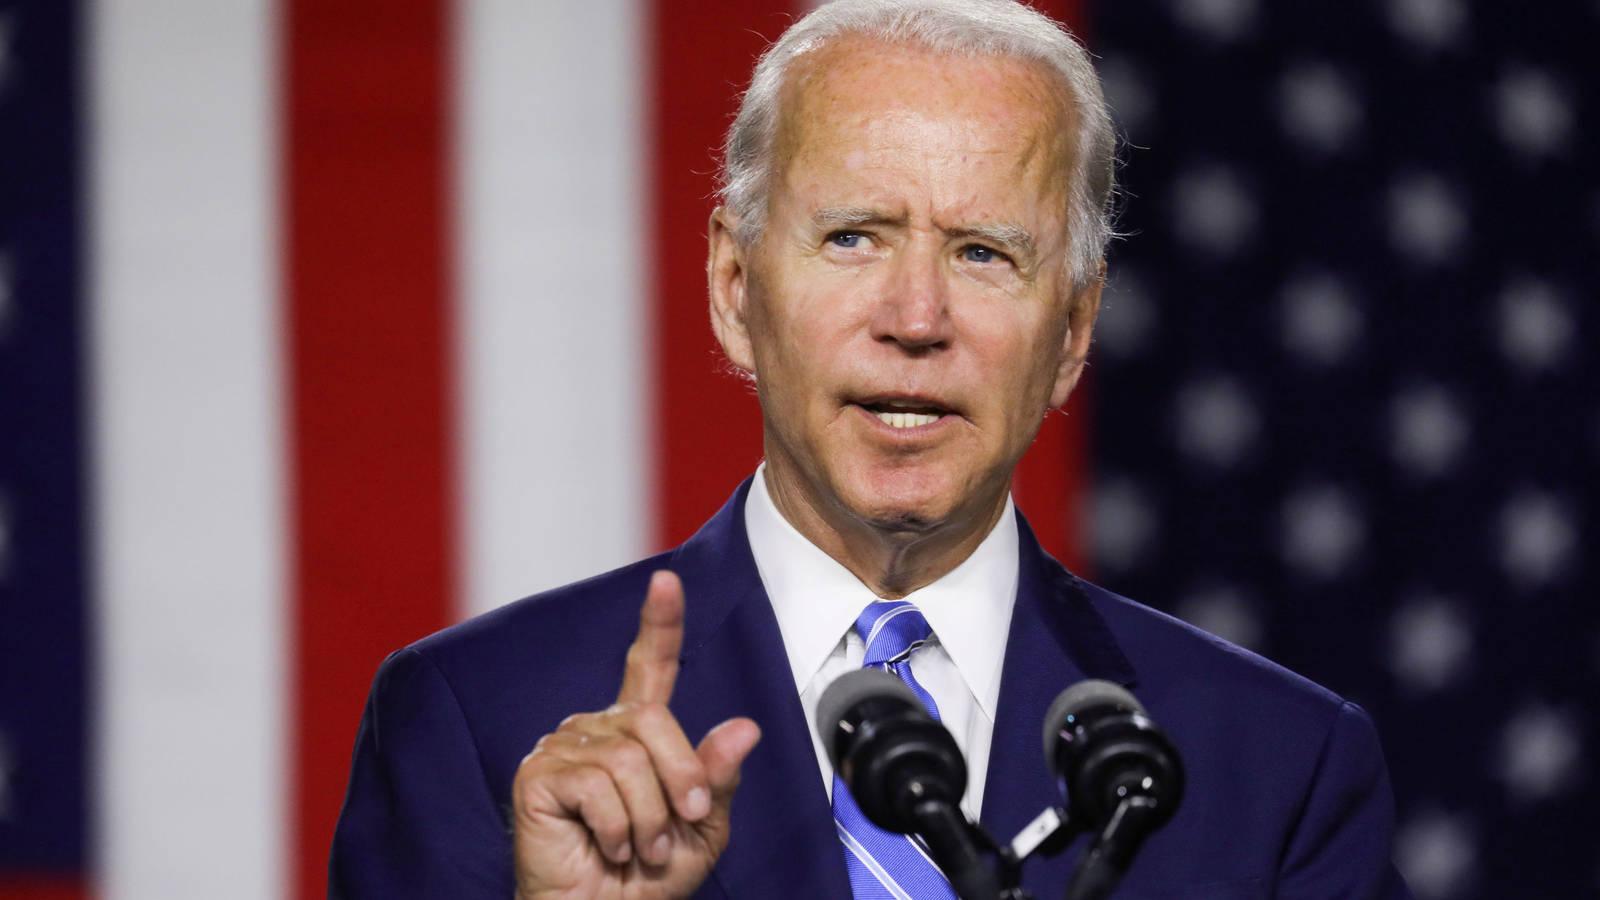 Biden fustiga bloqueo del TPS a los venezolanos | Ratifica compromiso con elecciones libres